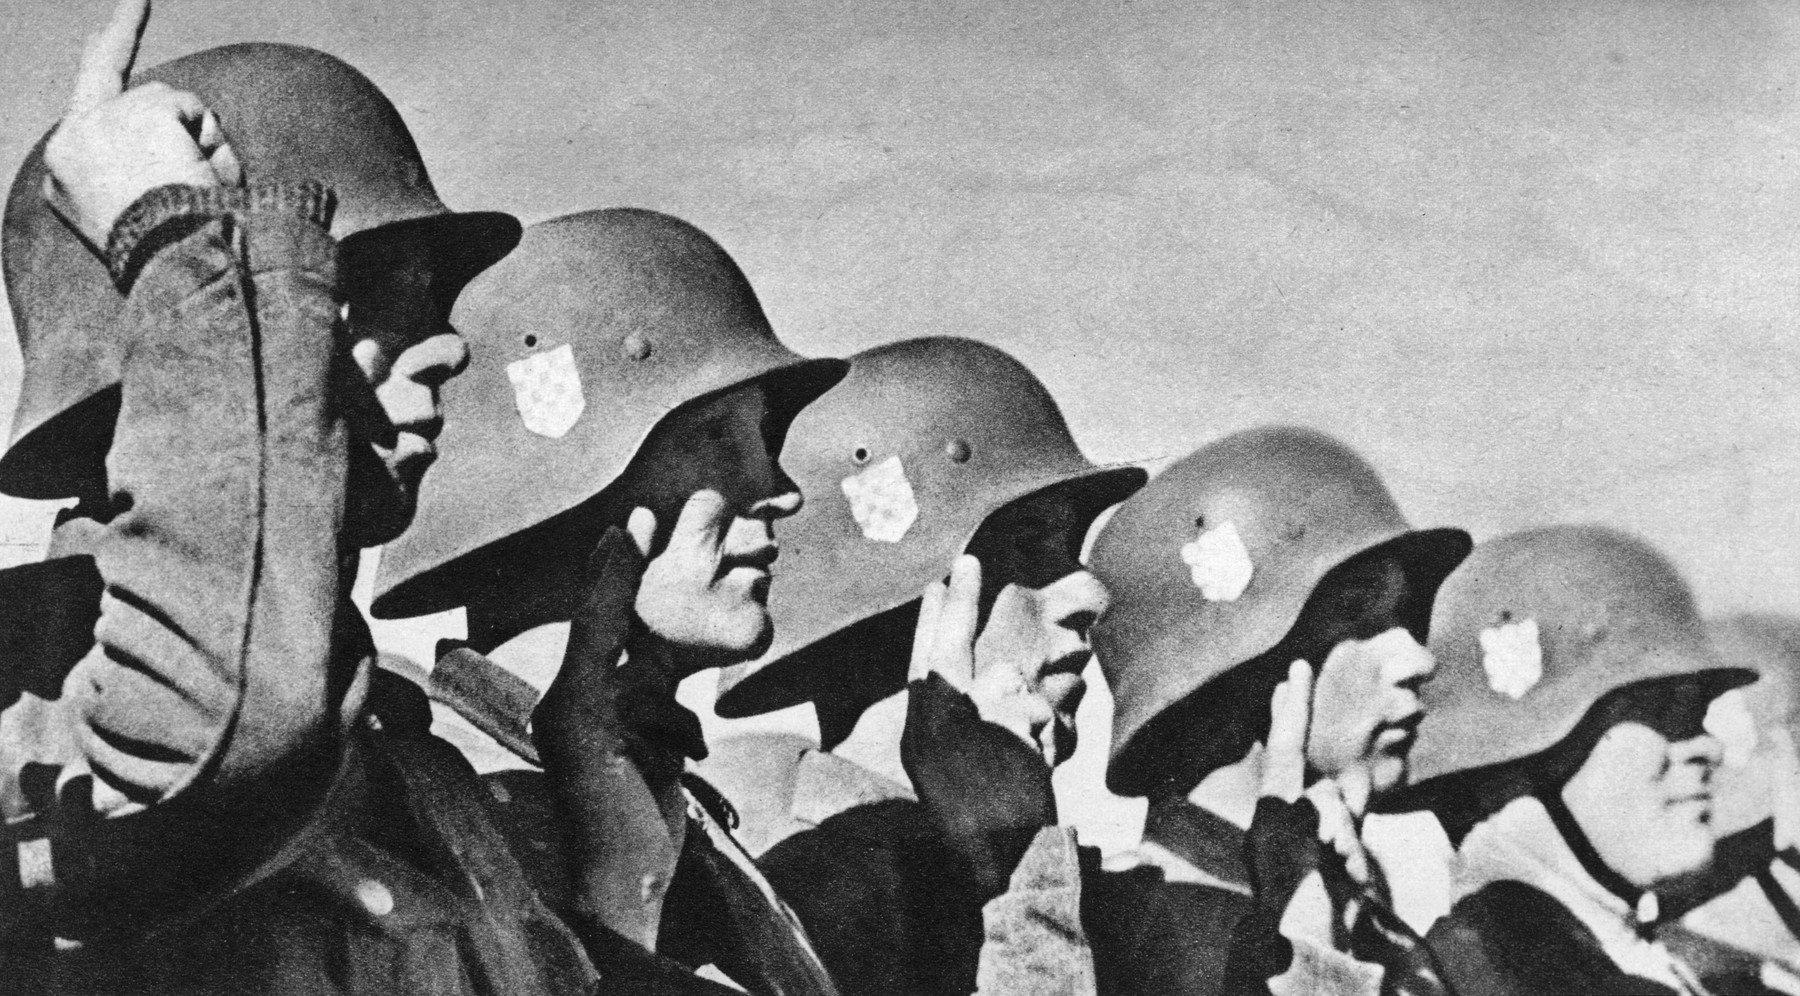 Ilustracija: Pripadnici ustaša, 1943.